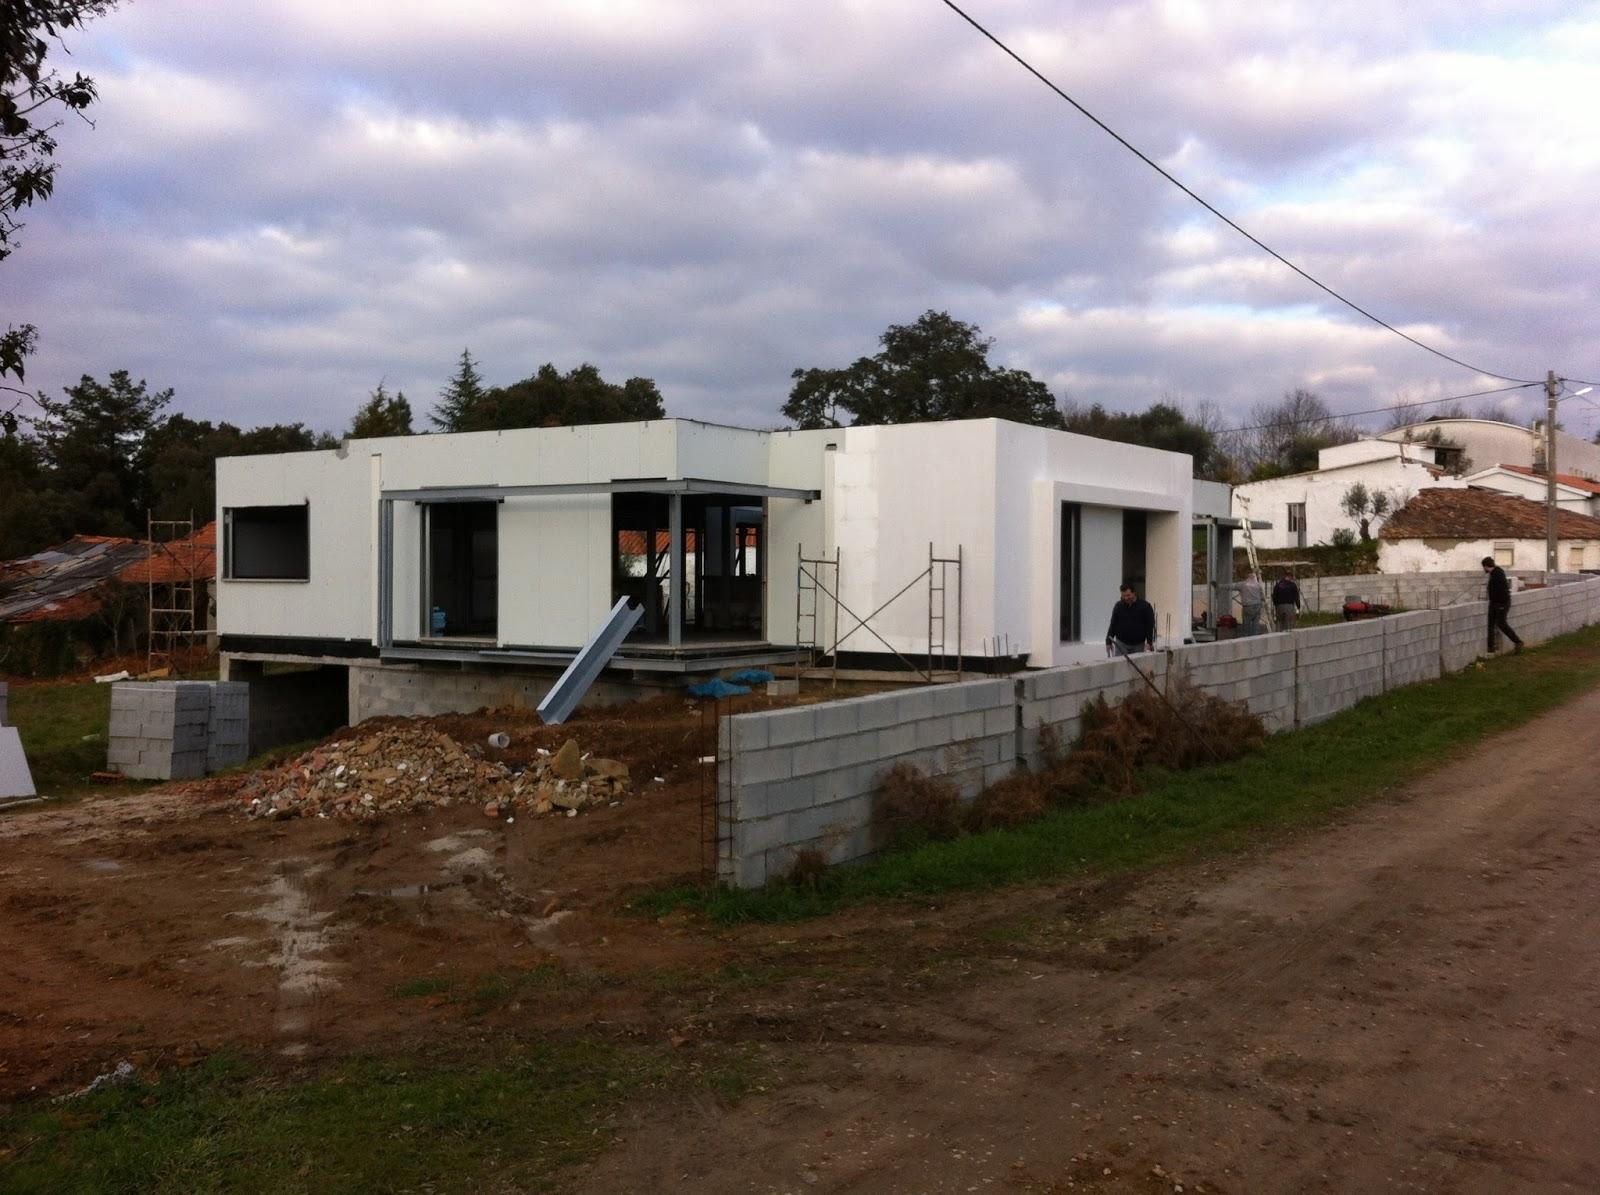 Casas modulares steel houses - Casas modulares portugal ...